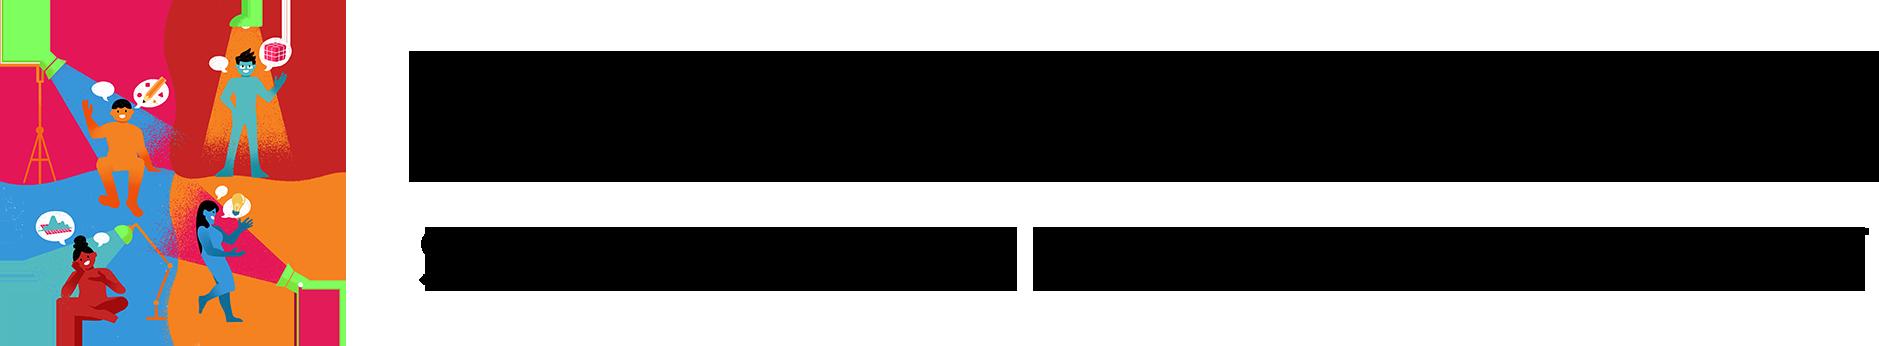 Streamline Spotlight Badge_Black 2